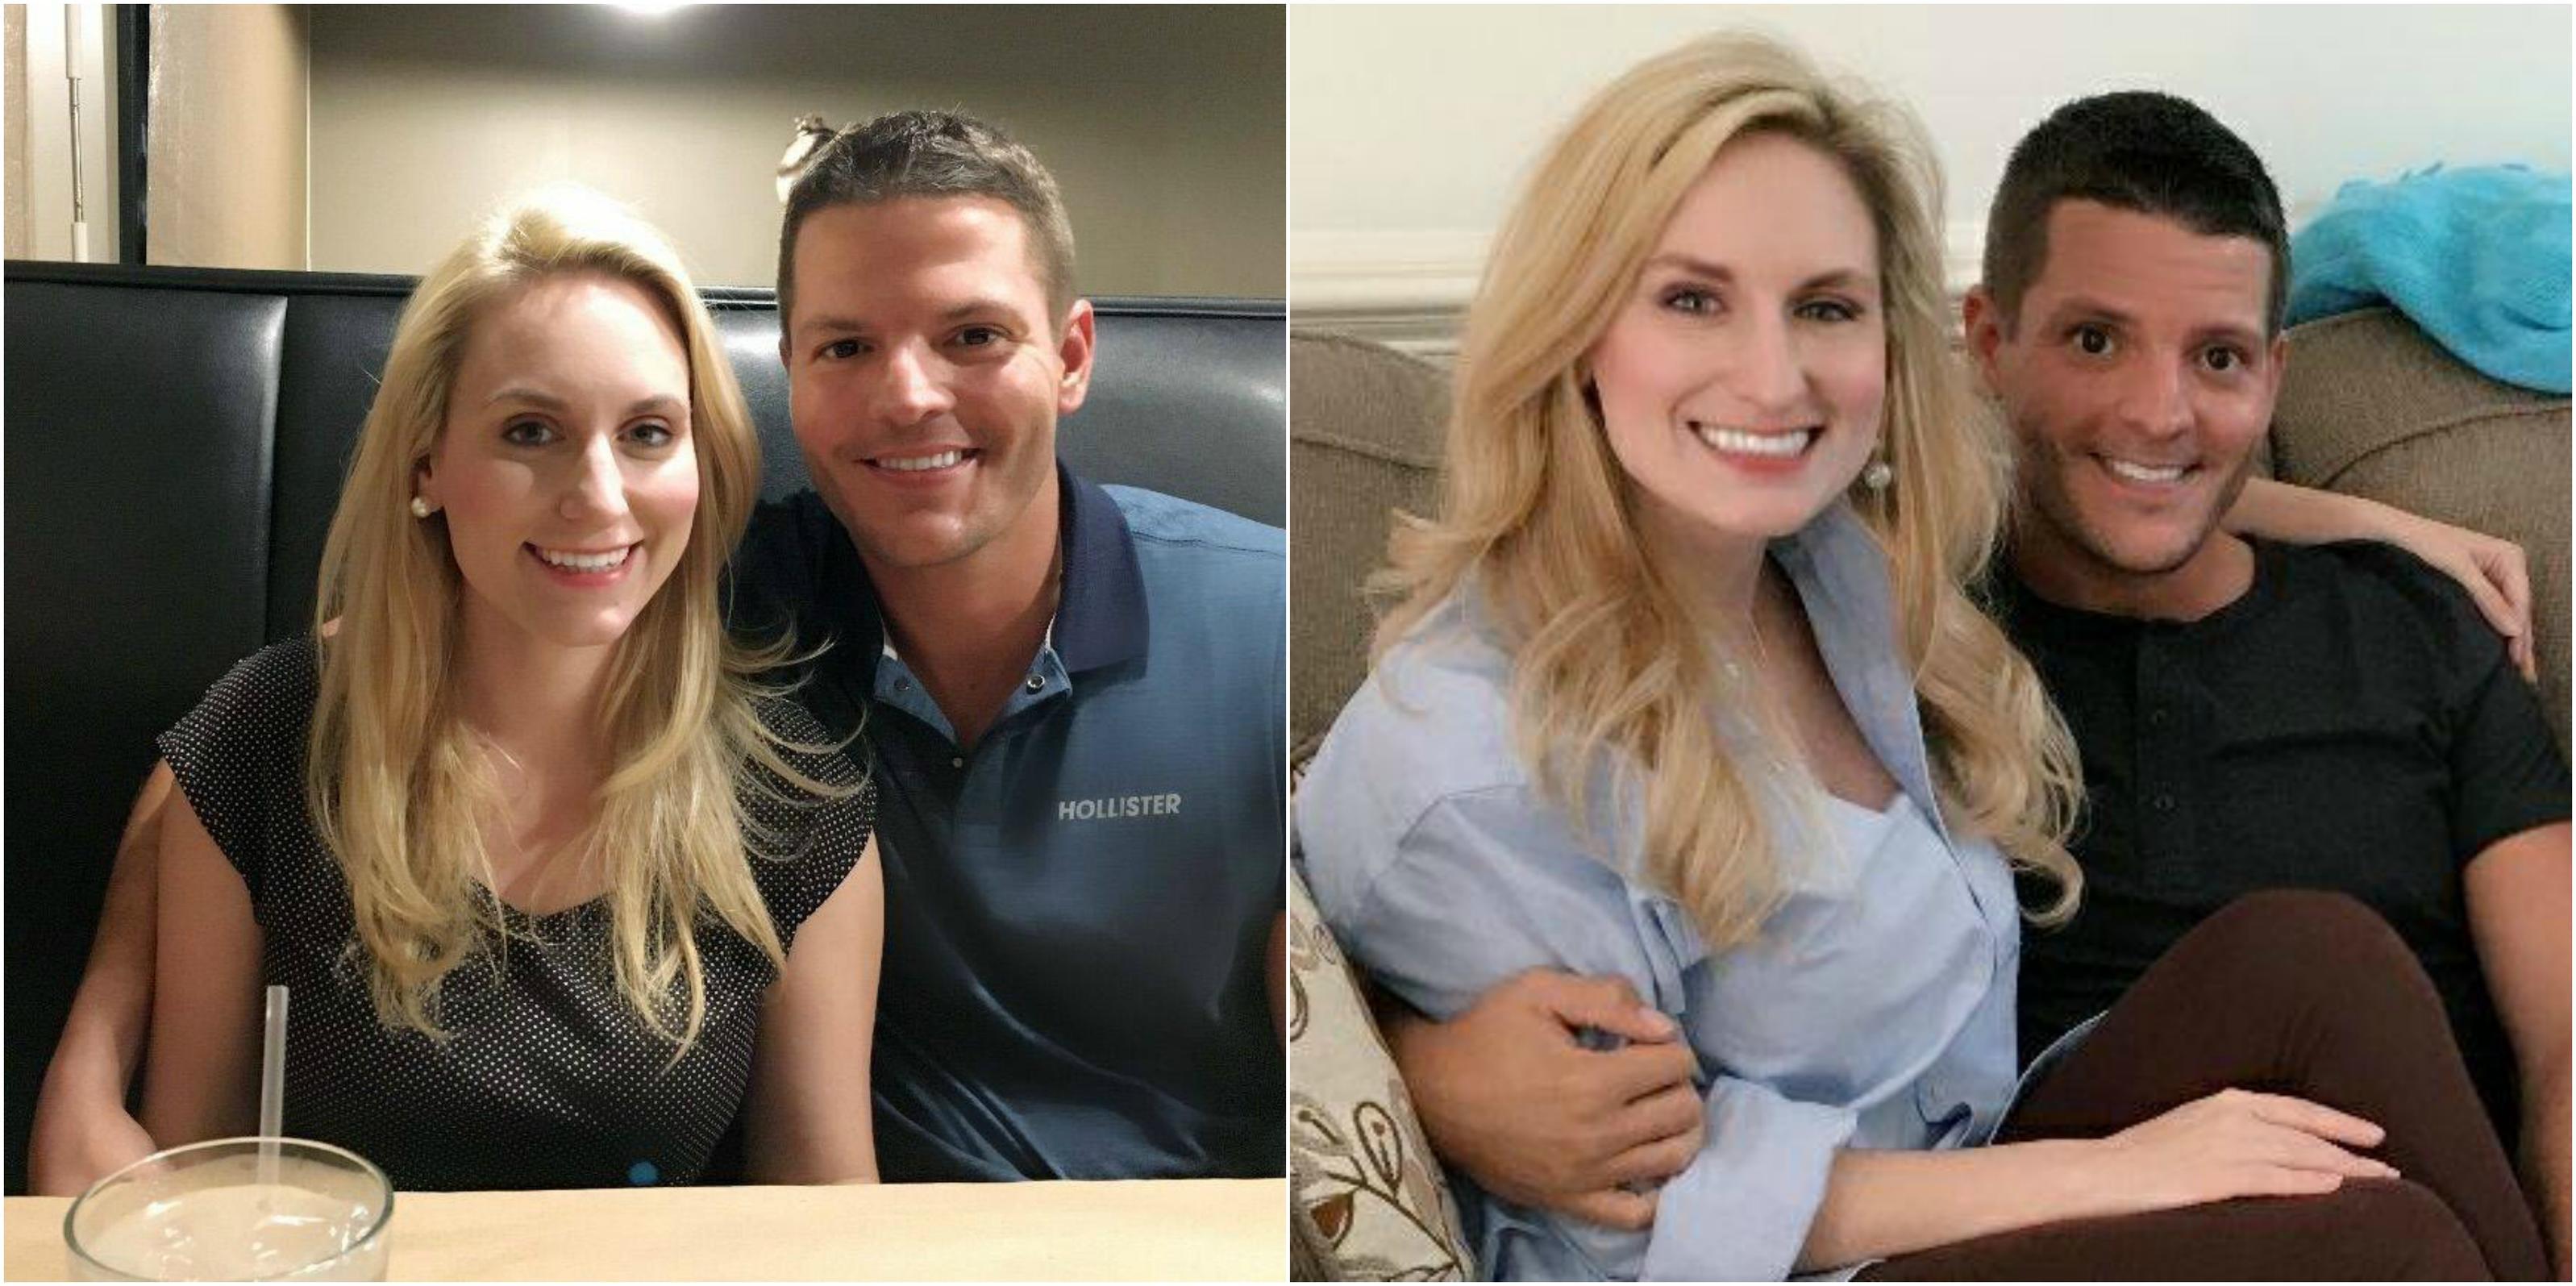 Близнецы вышли замуж за близнецов - и хотят забеременеть одновременно